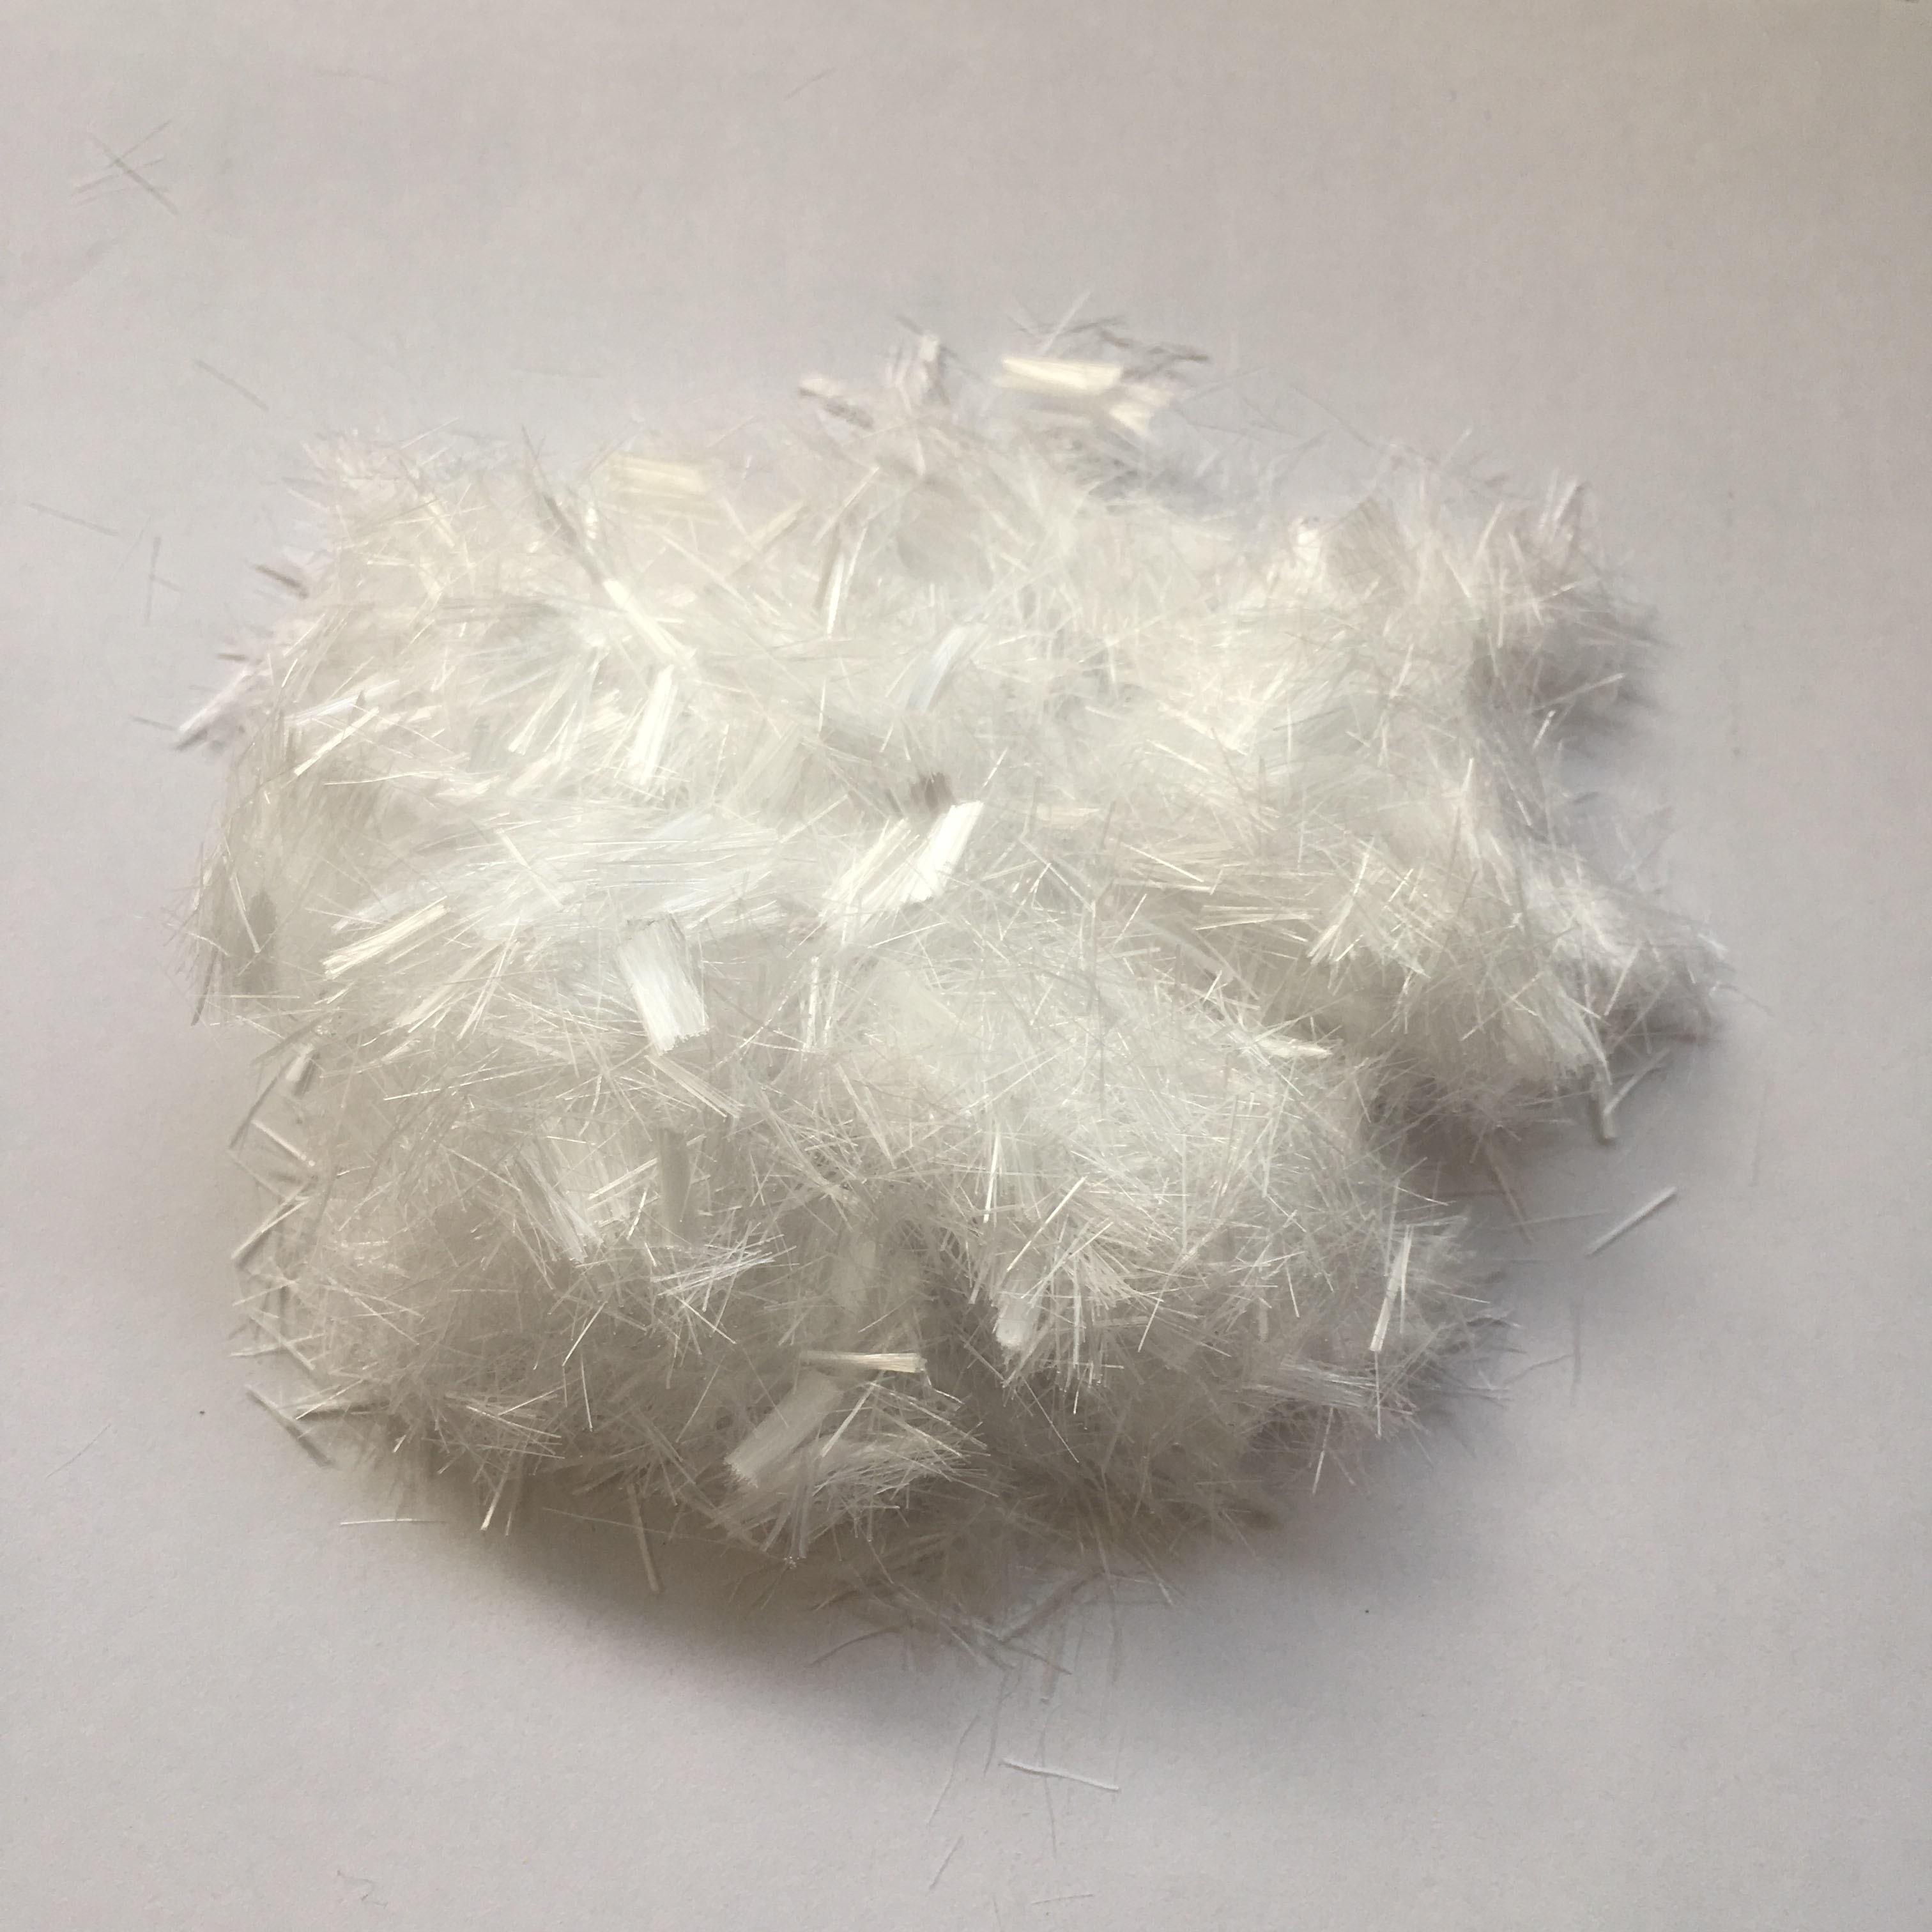 聚丙烯短纤维 建筑用抗裂添 河南天盛品牌 砂浆专用聚丙烯短纤维